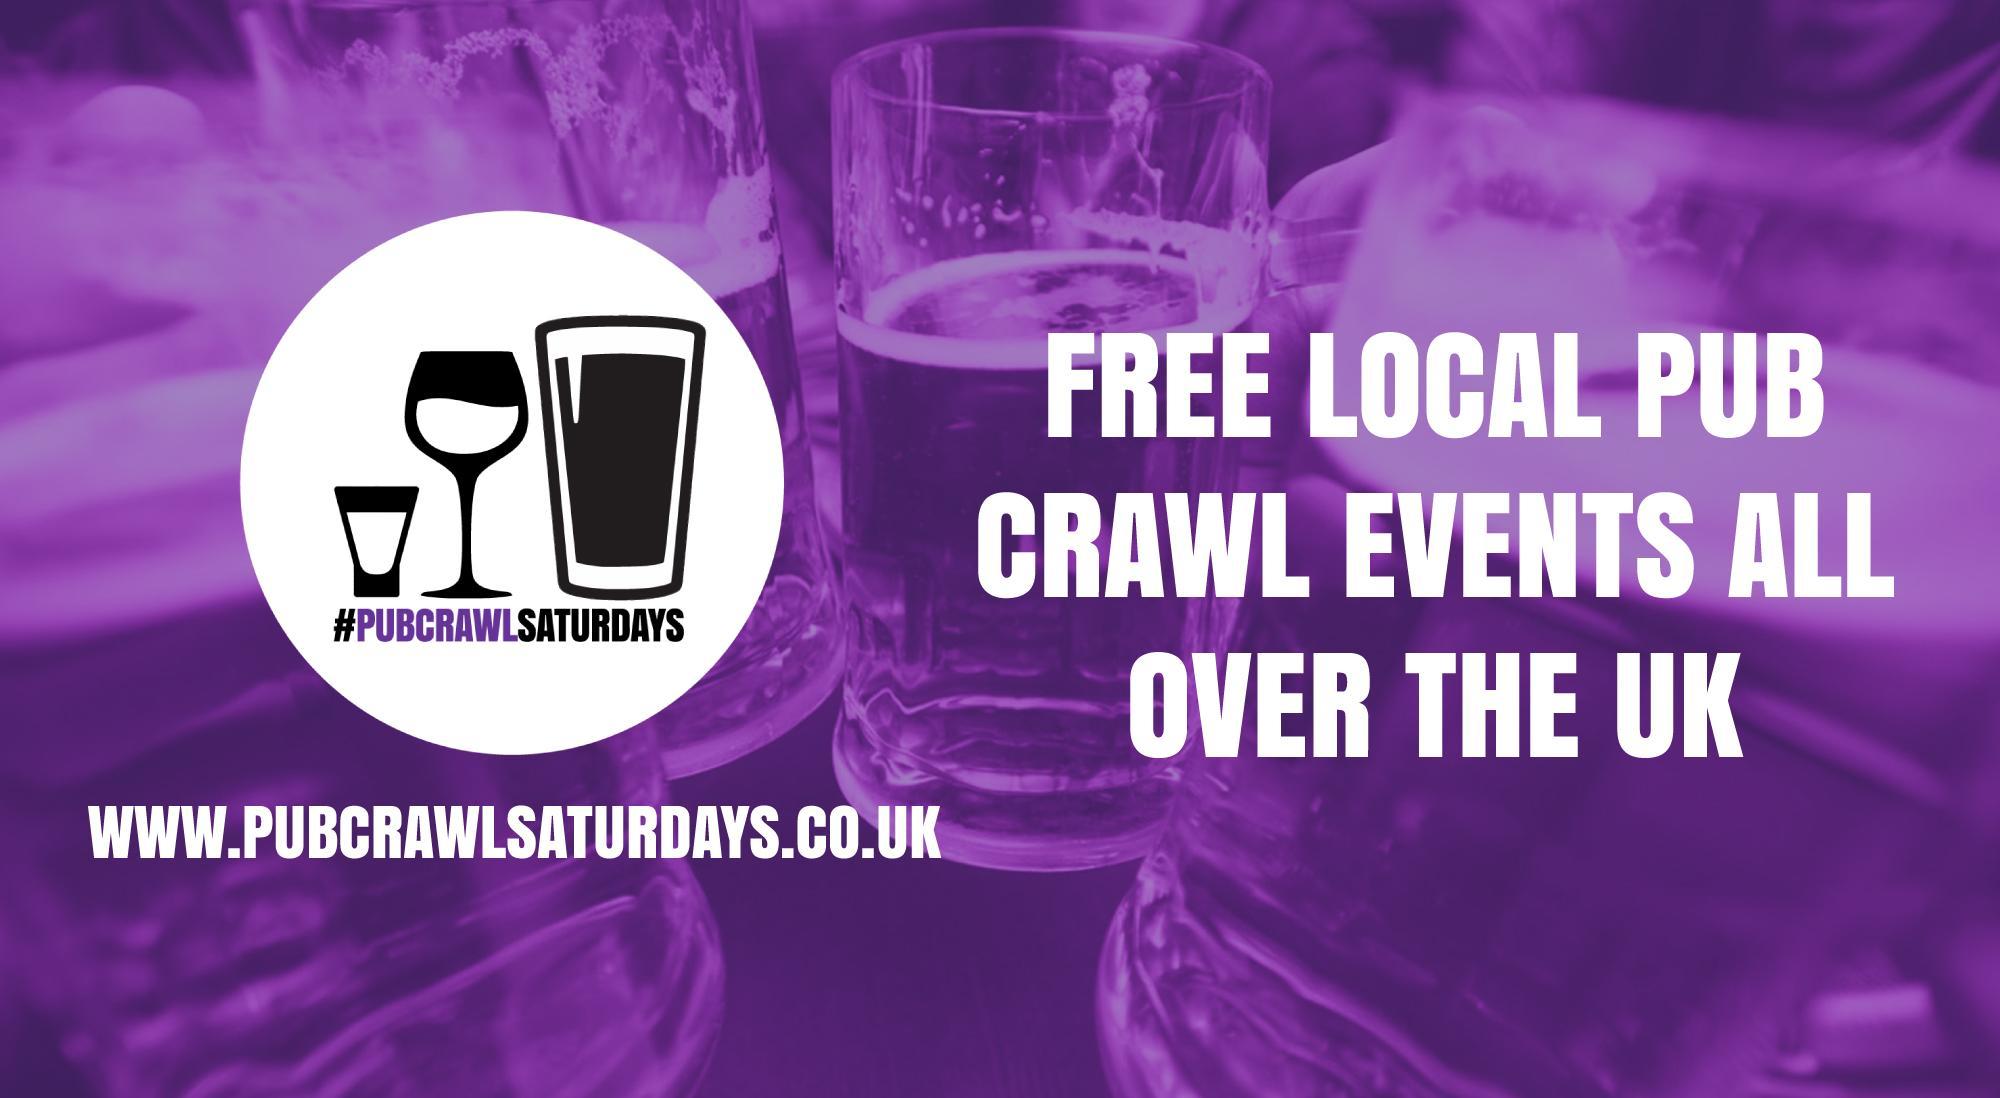 PUB CRAWL SATURDAYS! Free weekly pub crawl event in Washington